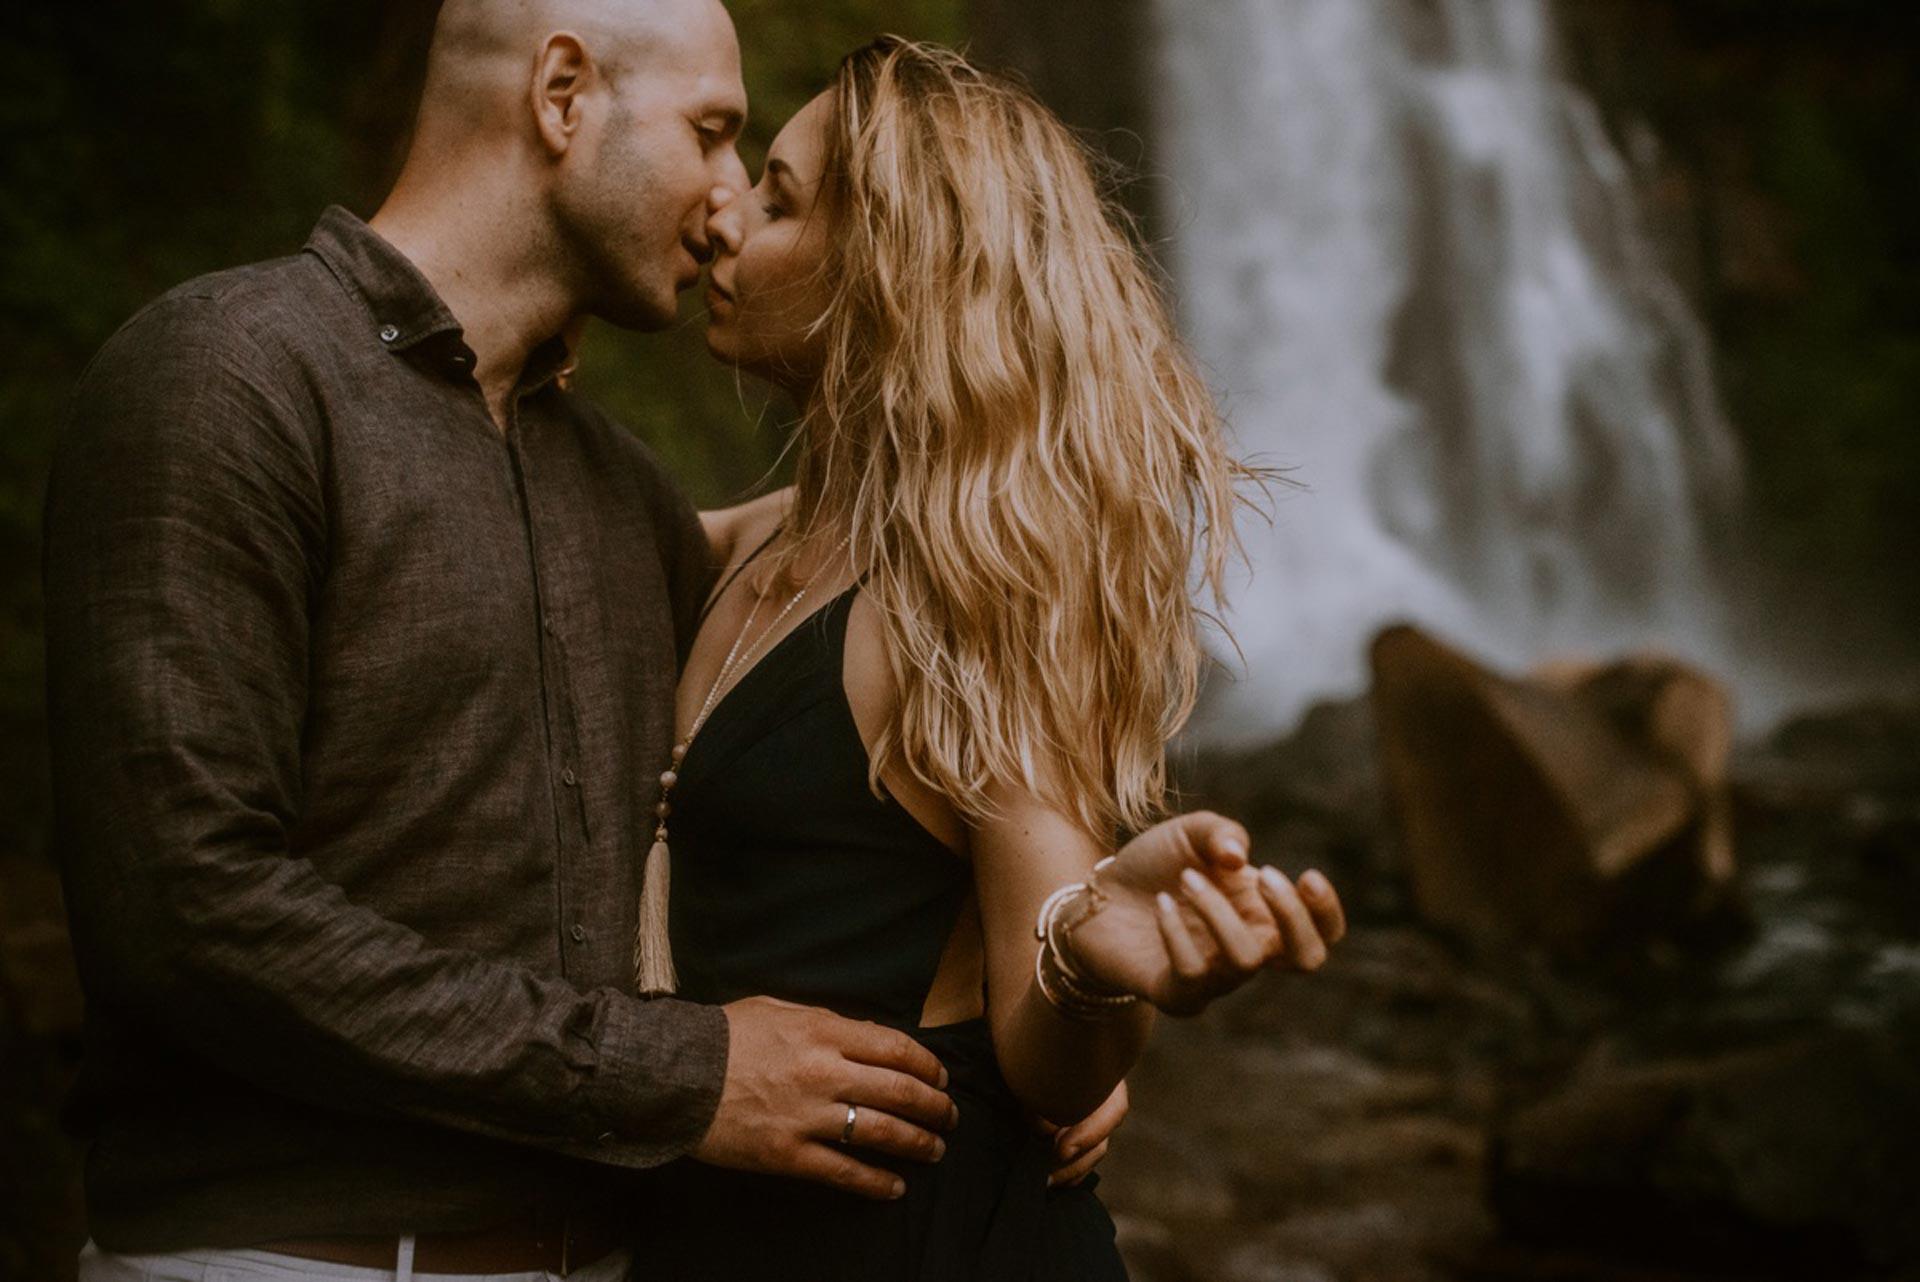 Bali preweding photoshoot couple Indonesia wedding photographer sesja zagraniczna fotograf ślubny Wrocław